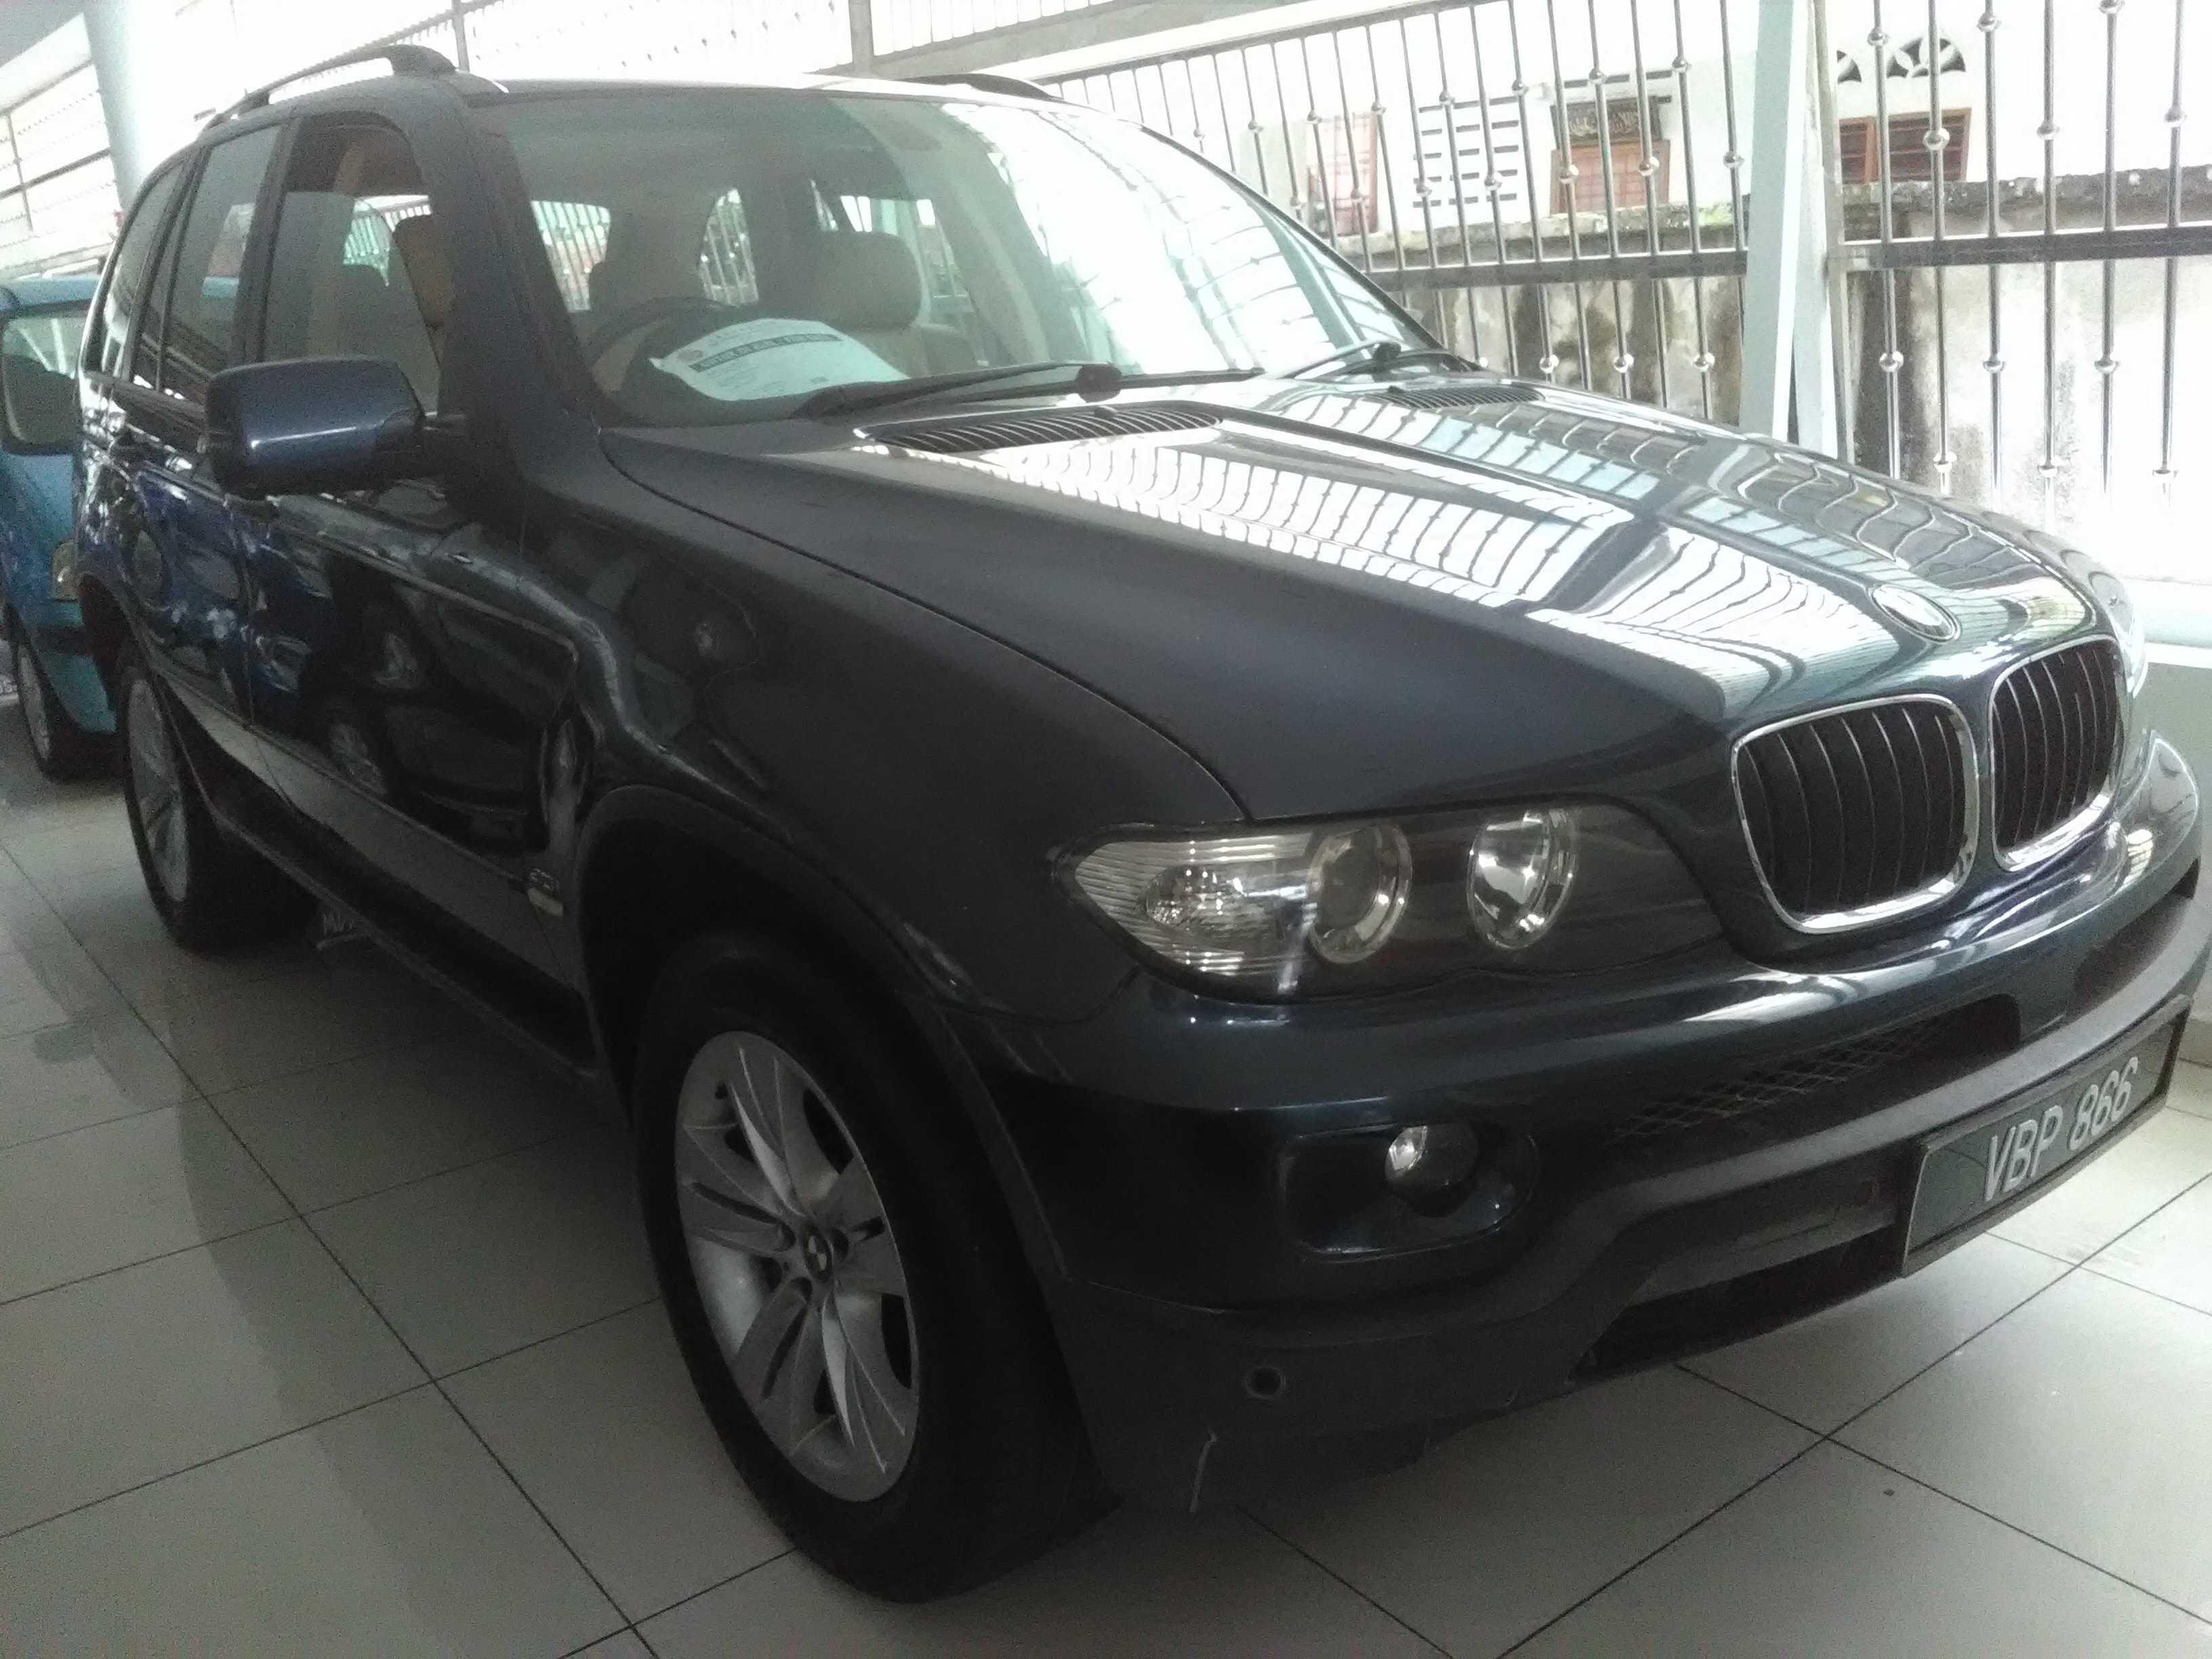 BMW X5 (3.0 CC)